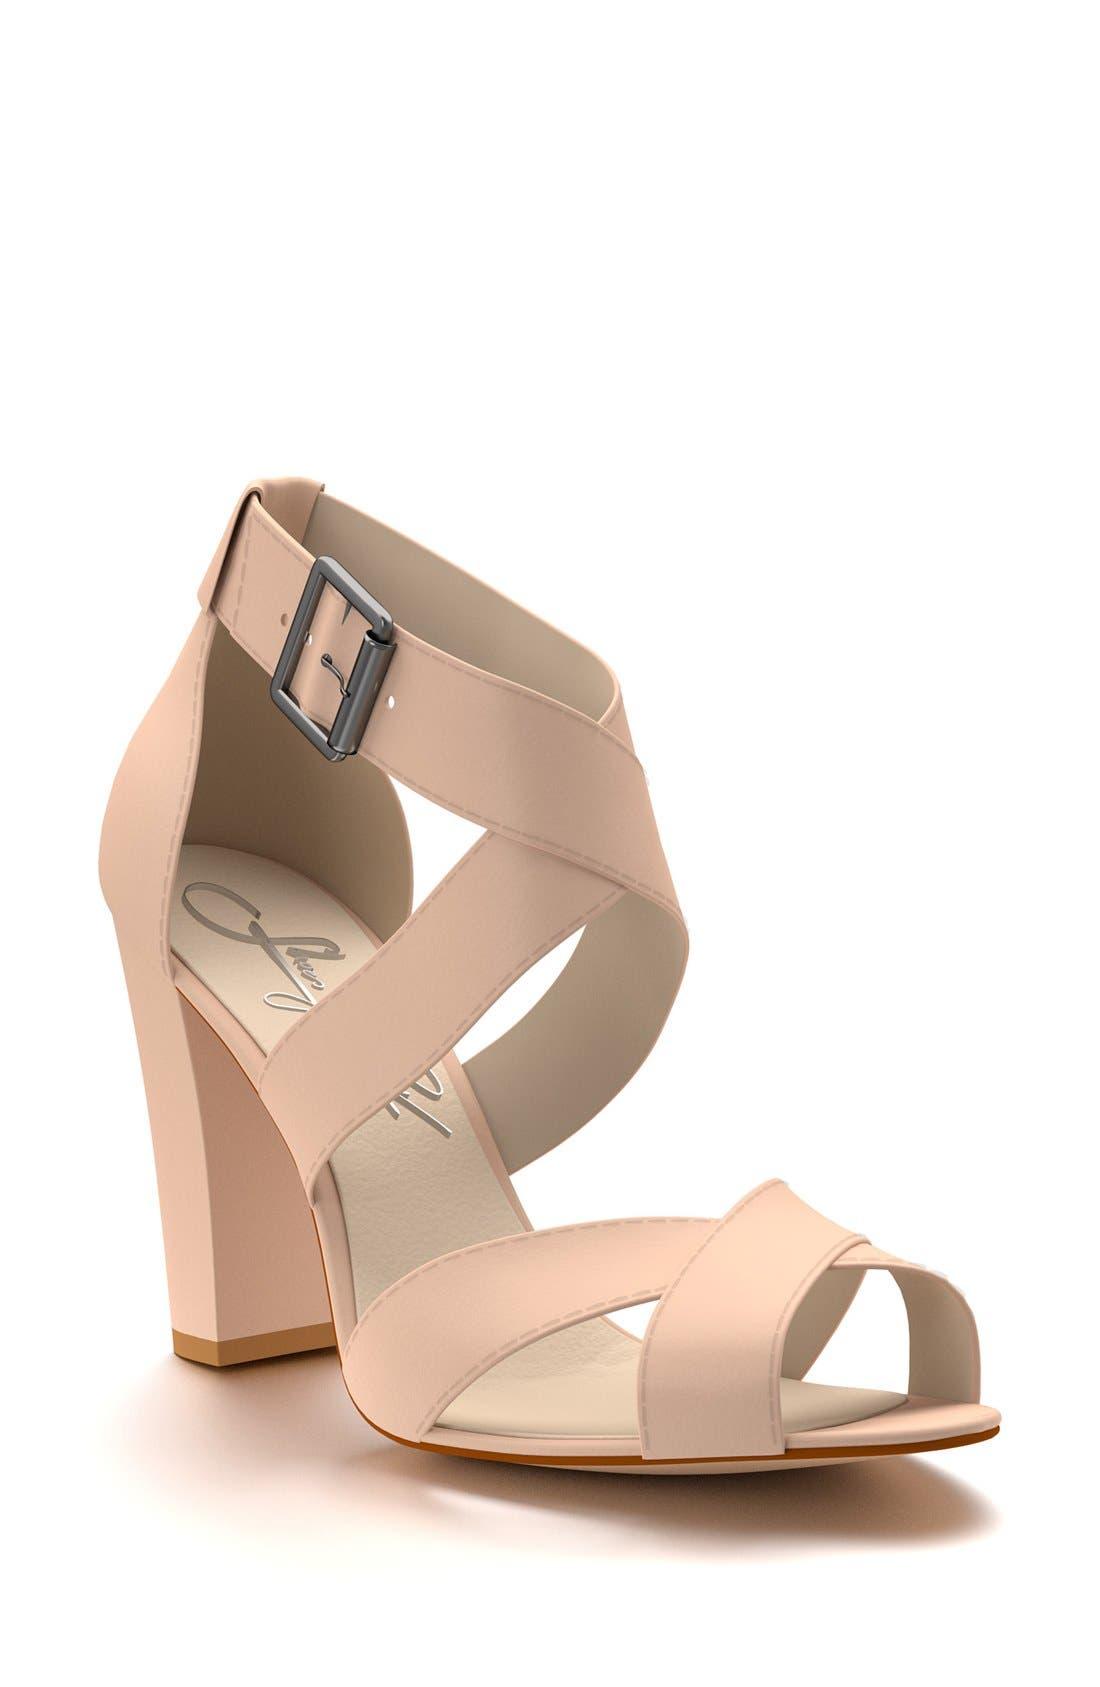 Shoes of Prey Crisscross Strap Block Heel Sandal (Women)